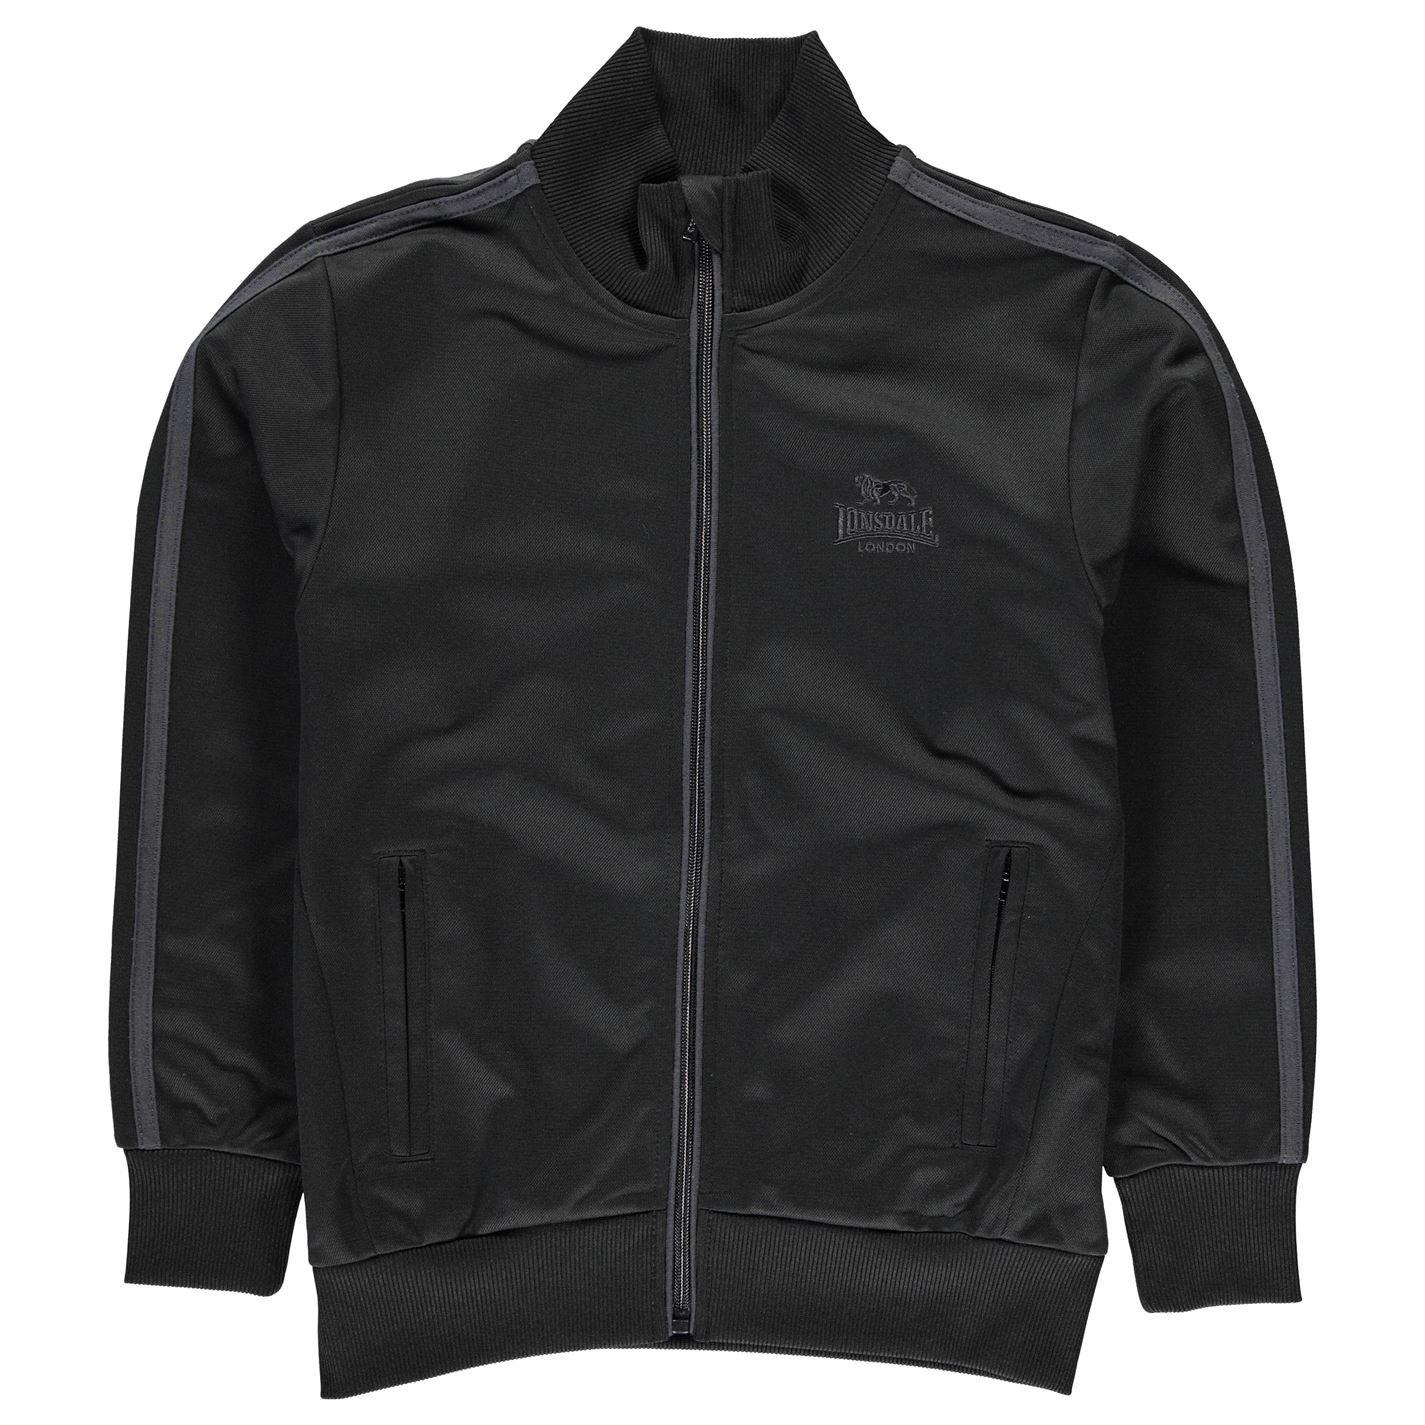 Lonsdale Kids Track Jacket